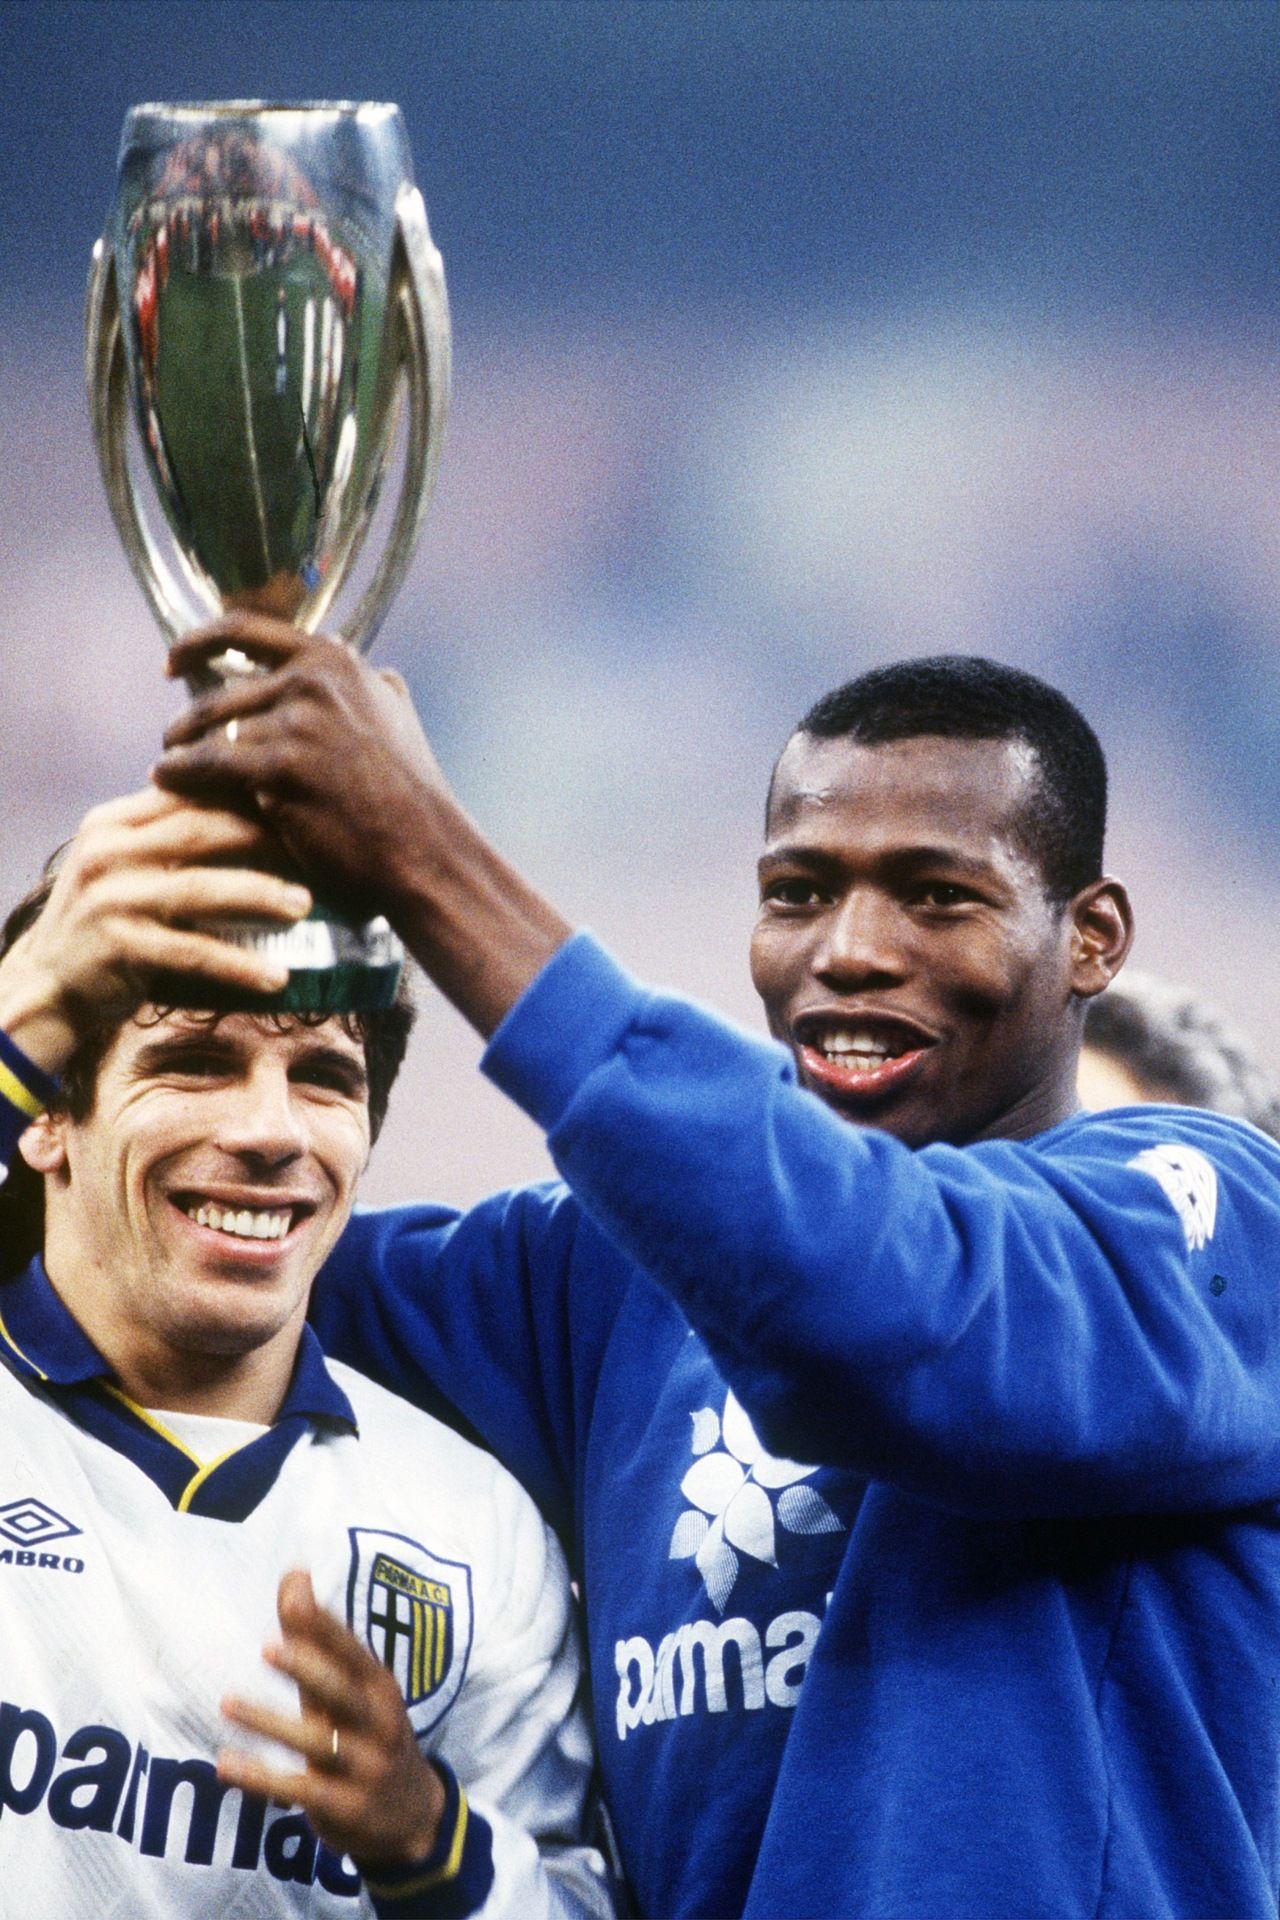 Gianfranco Zola y Faustino Asprilla campeones de Copa Italia con el Parma